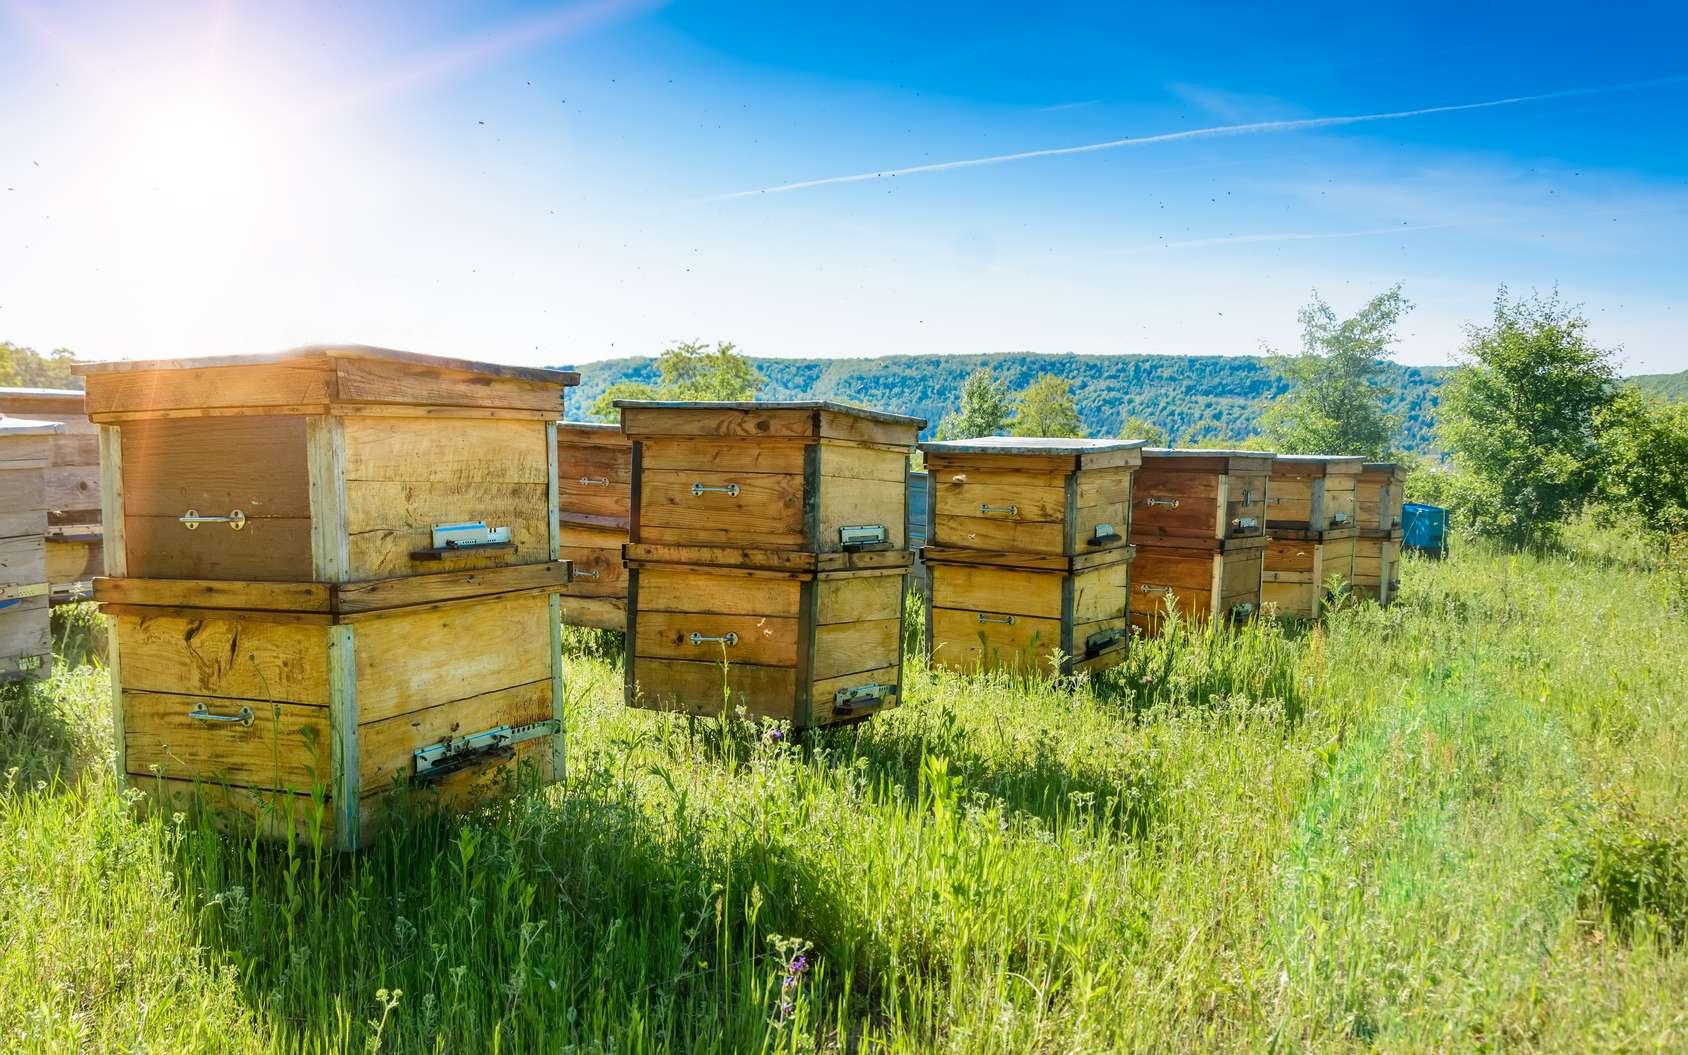 Les abeilles sont les plus connues des animaux pollinisateurs. Leur rôle pour l'agriculture est crucial. © kosolovskyy, Fotolia